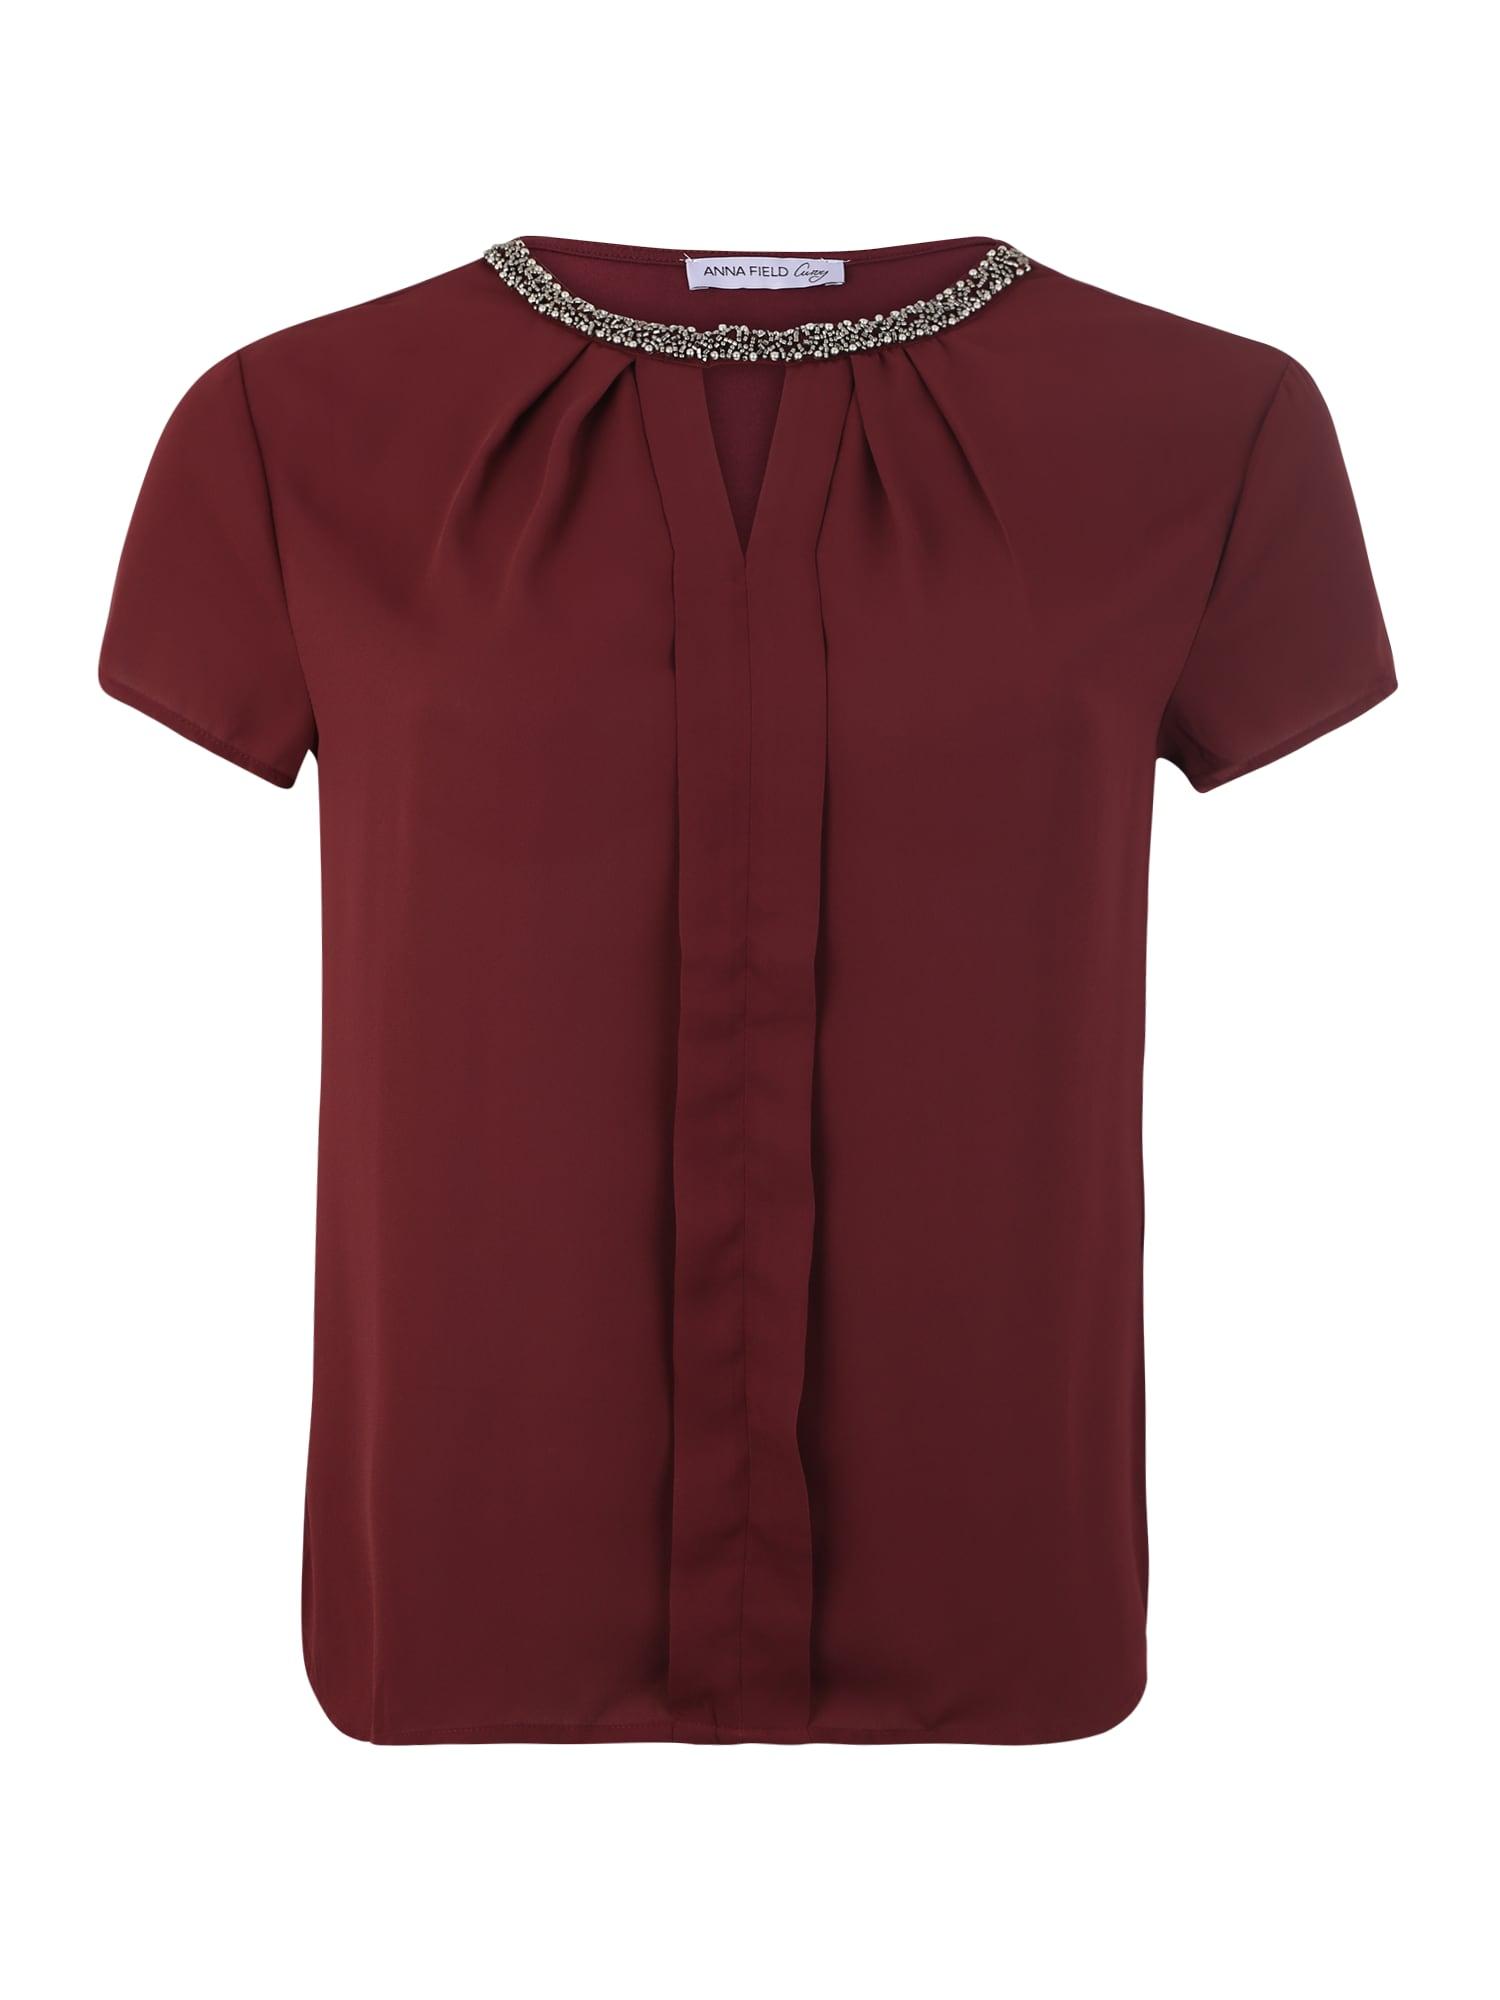 Tričko Pleated woven front t-shirt zlatá burgundská červeň Anna Field Curvy